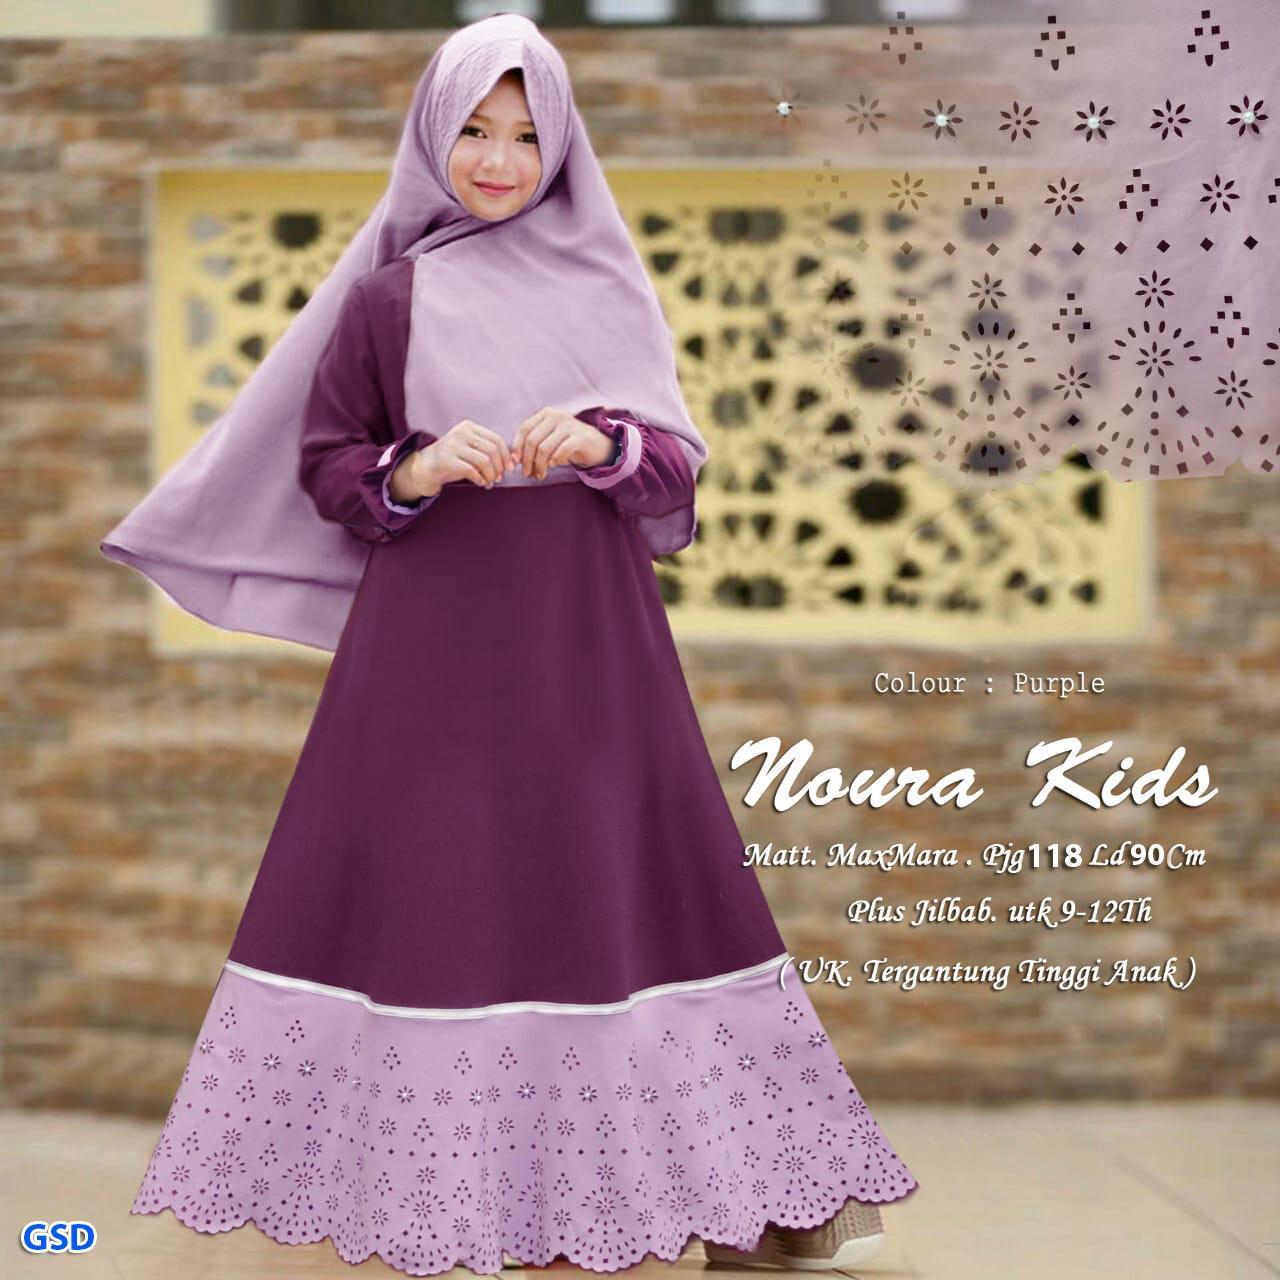 GSD - Baju Anak Cewek   Baju Gamis Anak   Baju Muslim Anak Perempuan - Gamis 258d61626b